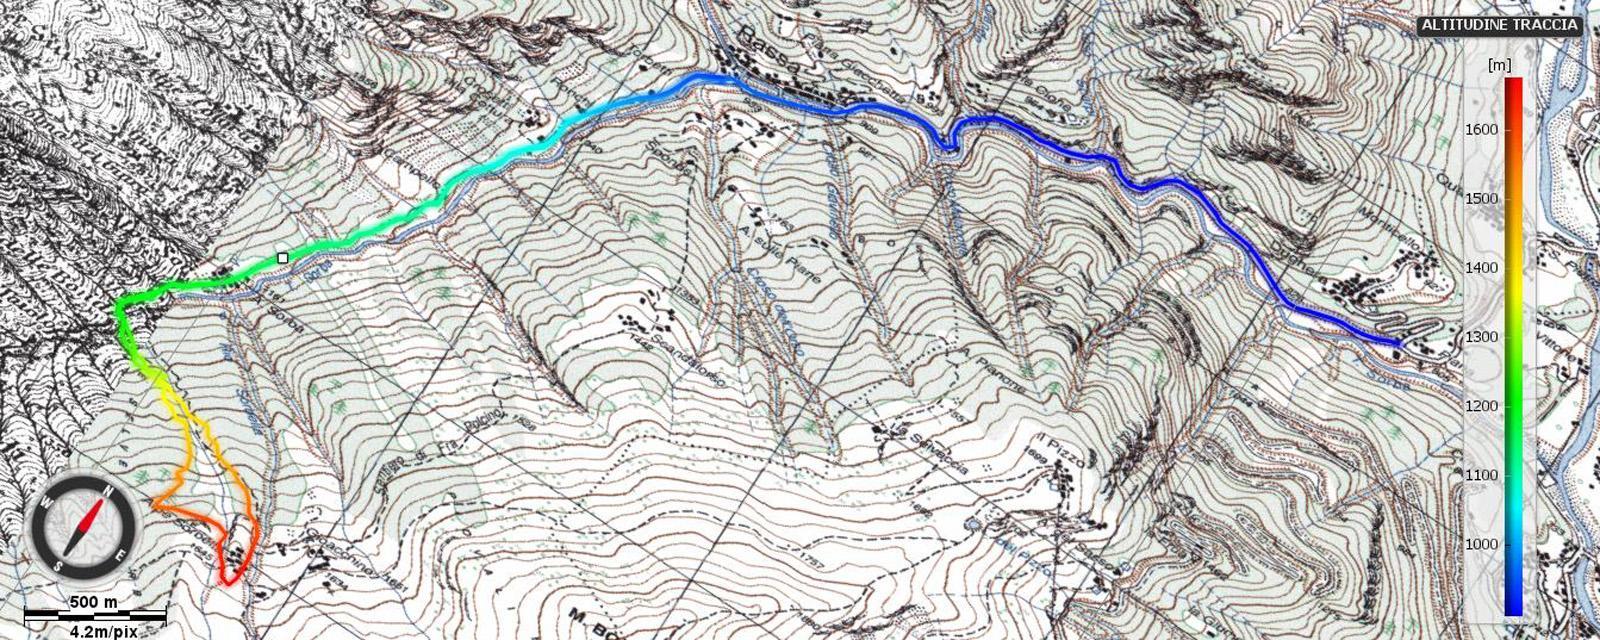 Itinerario fino all'alpe Sorbella